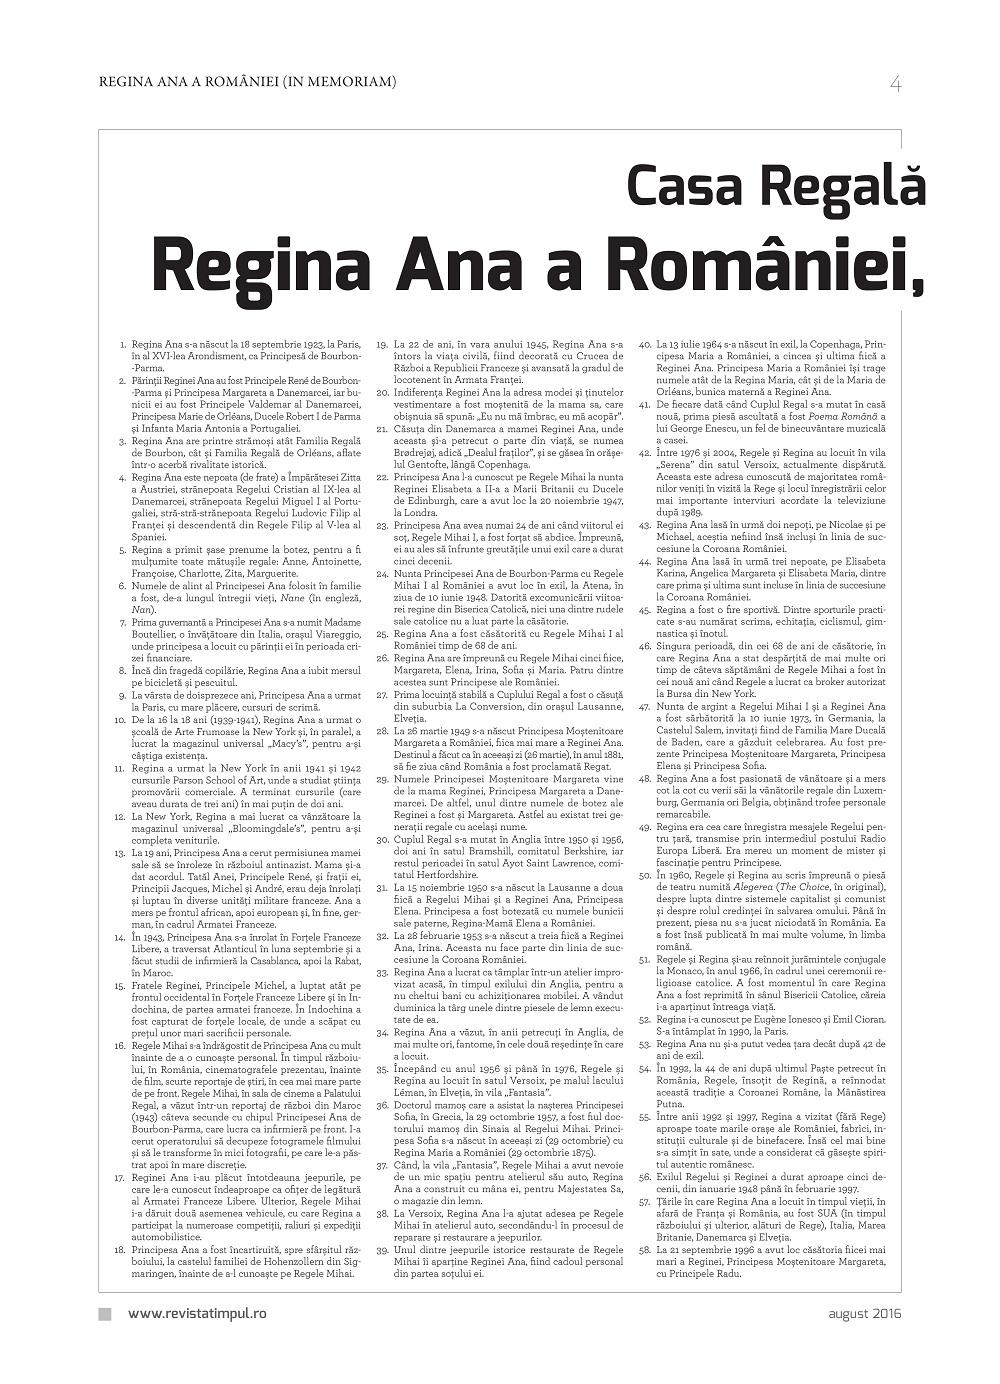 Revista Timpul, supliment dedicat Reginei Ana